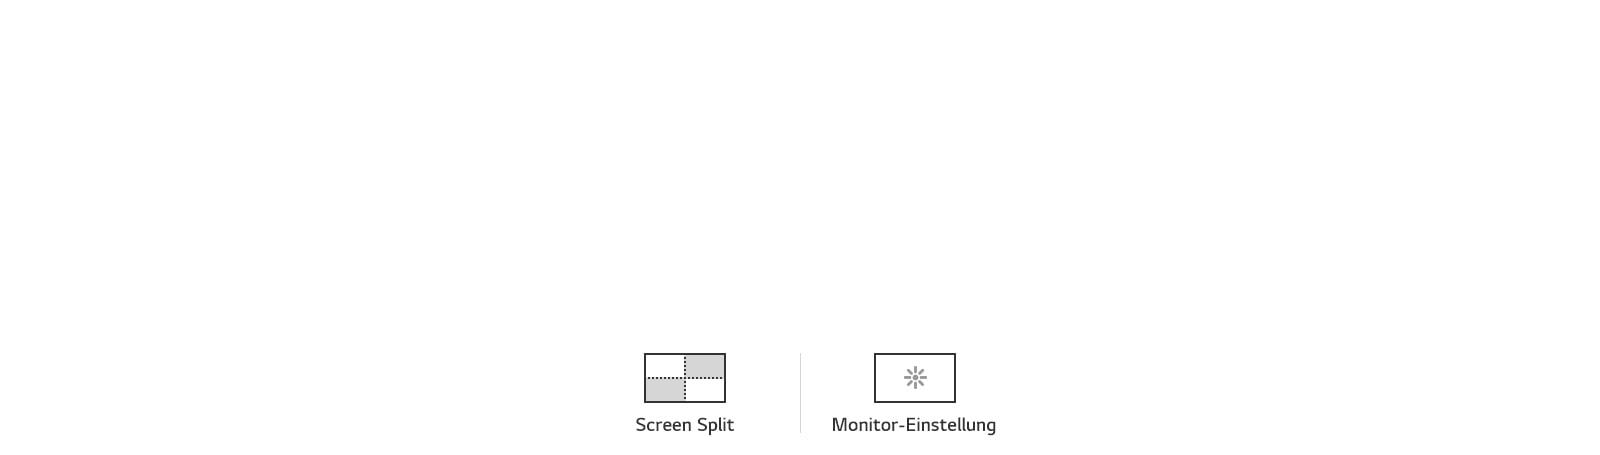 Einfachere Benutzeroberfläche